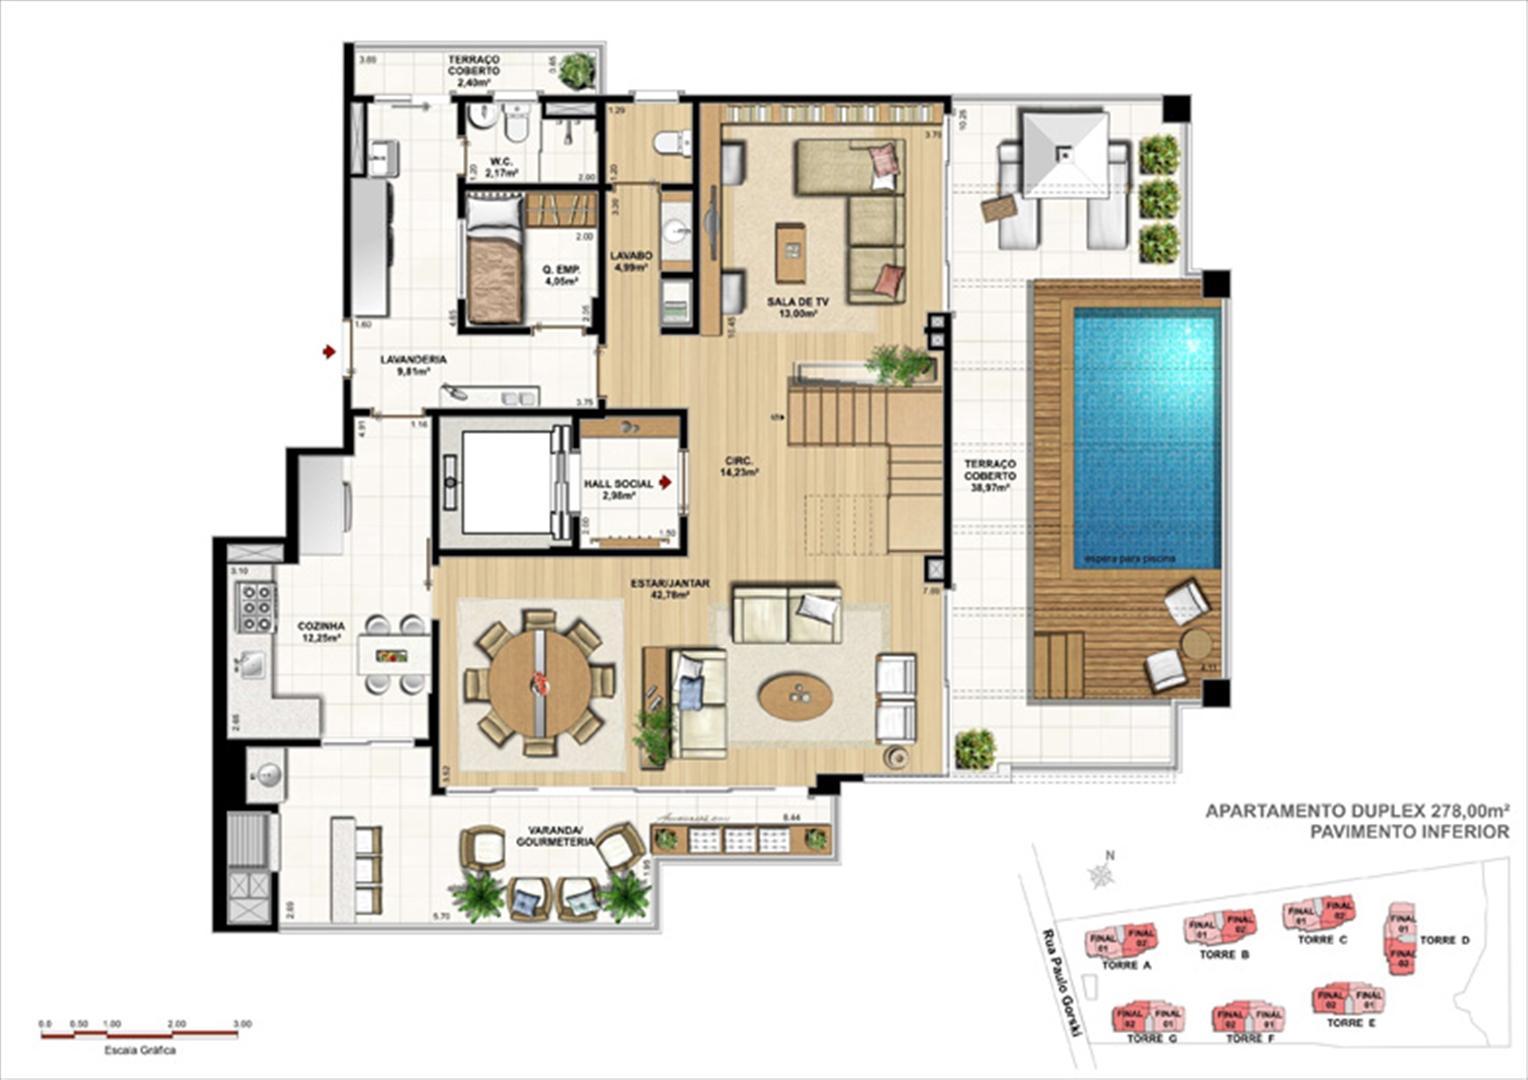 Duplex - 278 m² pavimento inferior    Ópera Unique Home – Apartamento no  Ecoville - Curitiba - Paraná